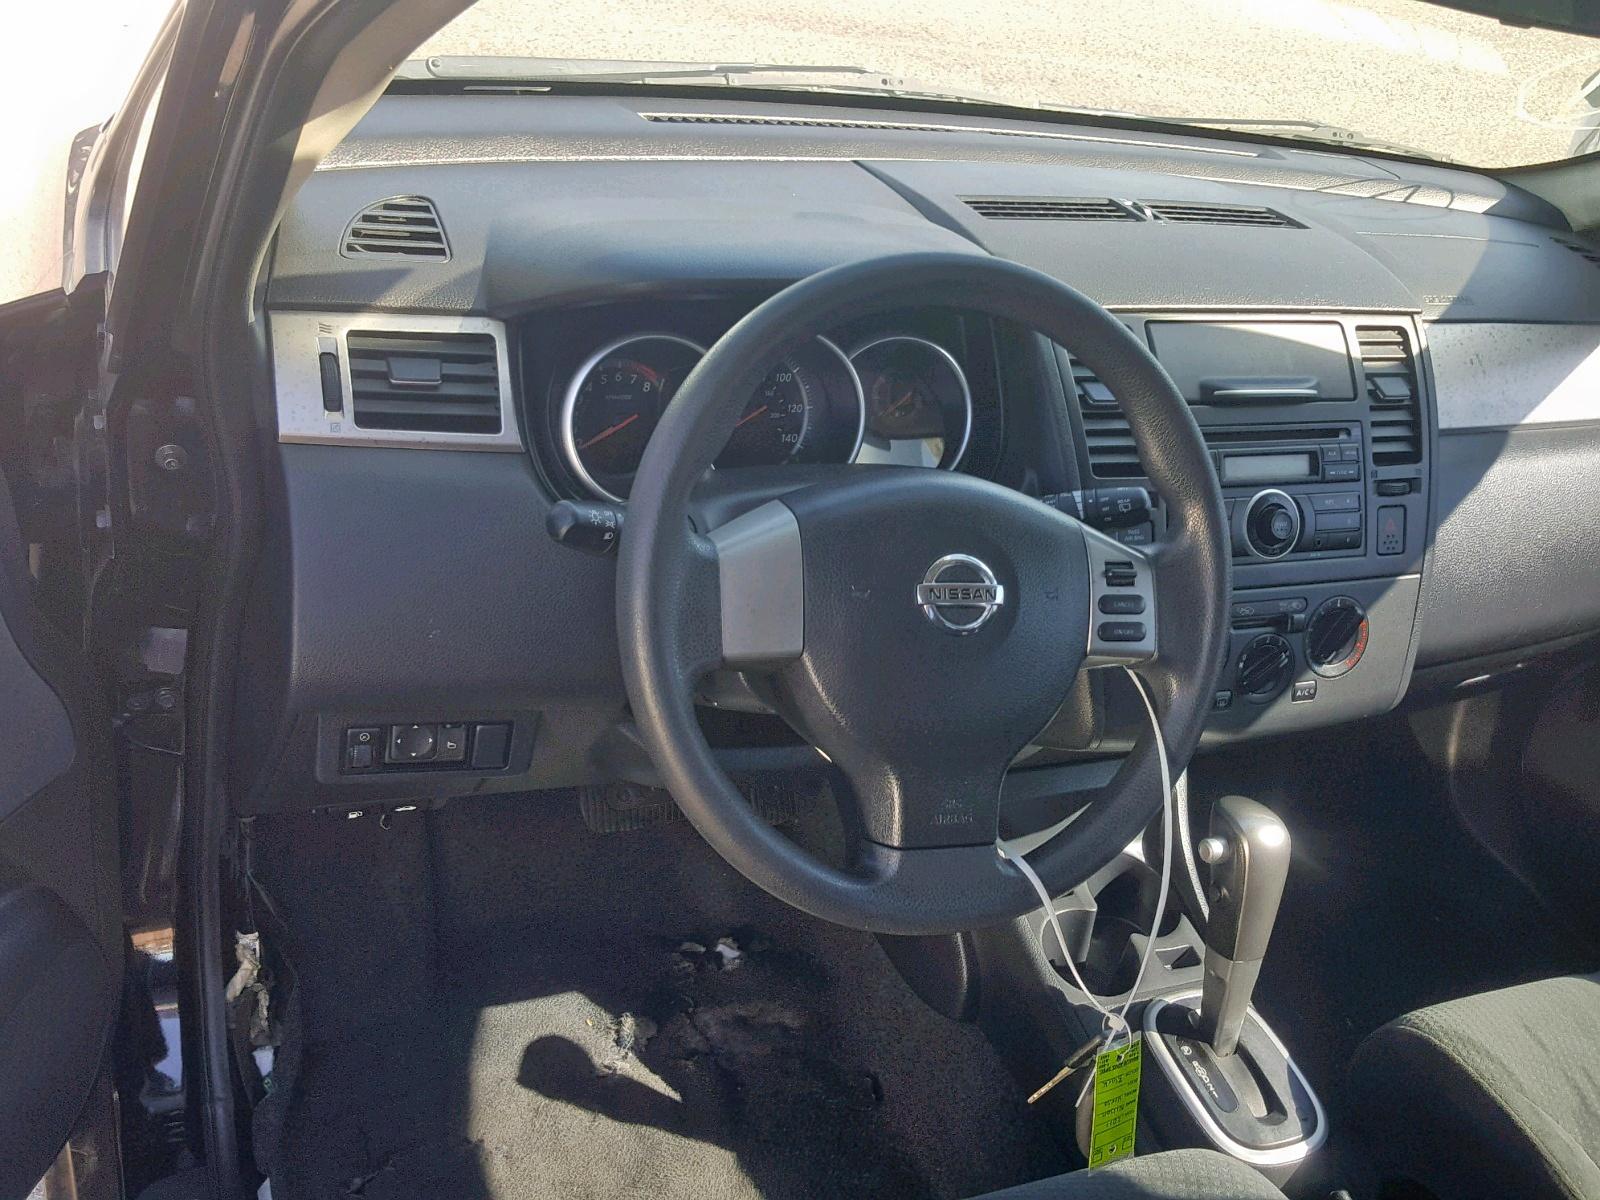 3N1BC1CP5BL493407 - 2011 Nissan Versa S 1.8L engine view